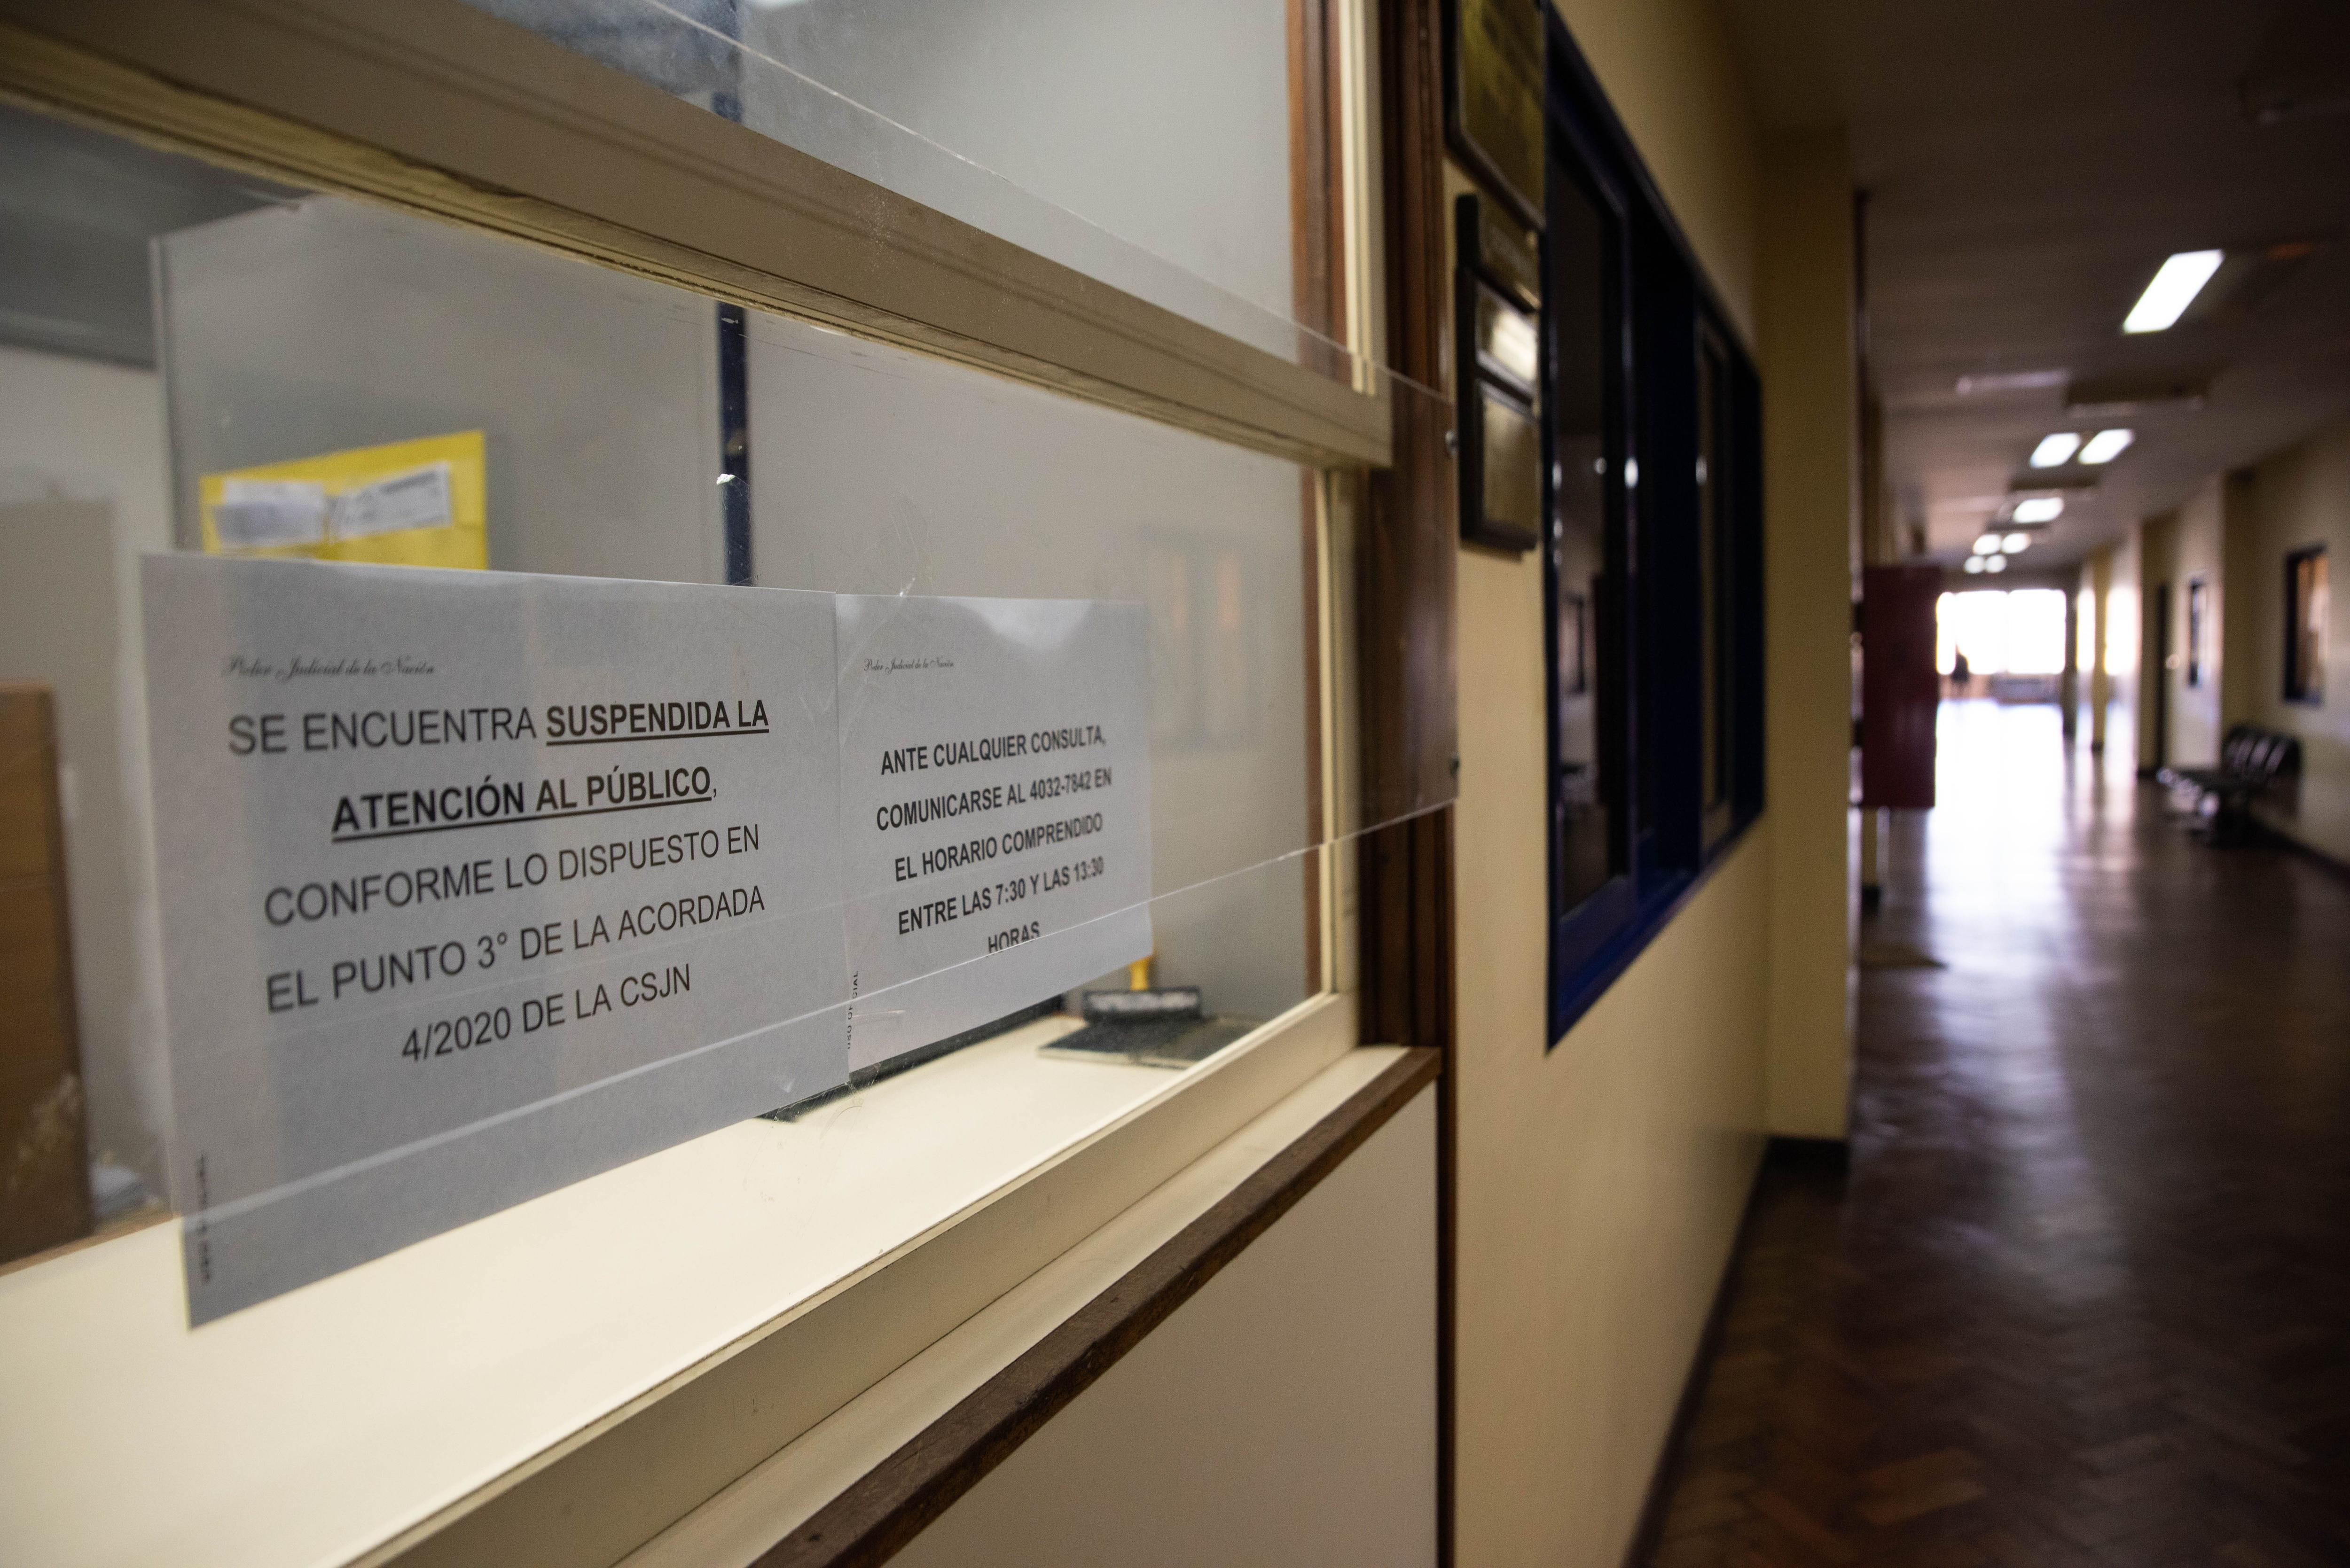 Tribunales de Comodoro Py Vacíos - Cuarentena Obligatoria - COVID-19 - Coronavirus (Foto: Franco Fafasuli)